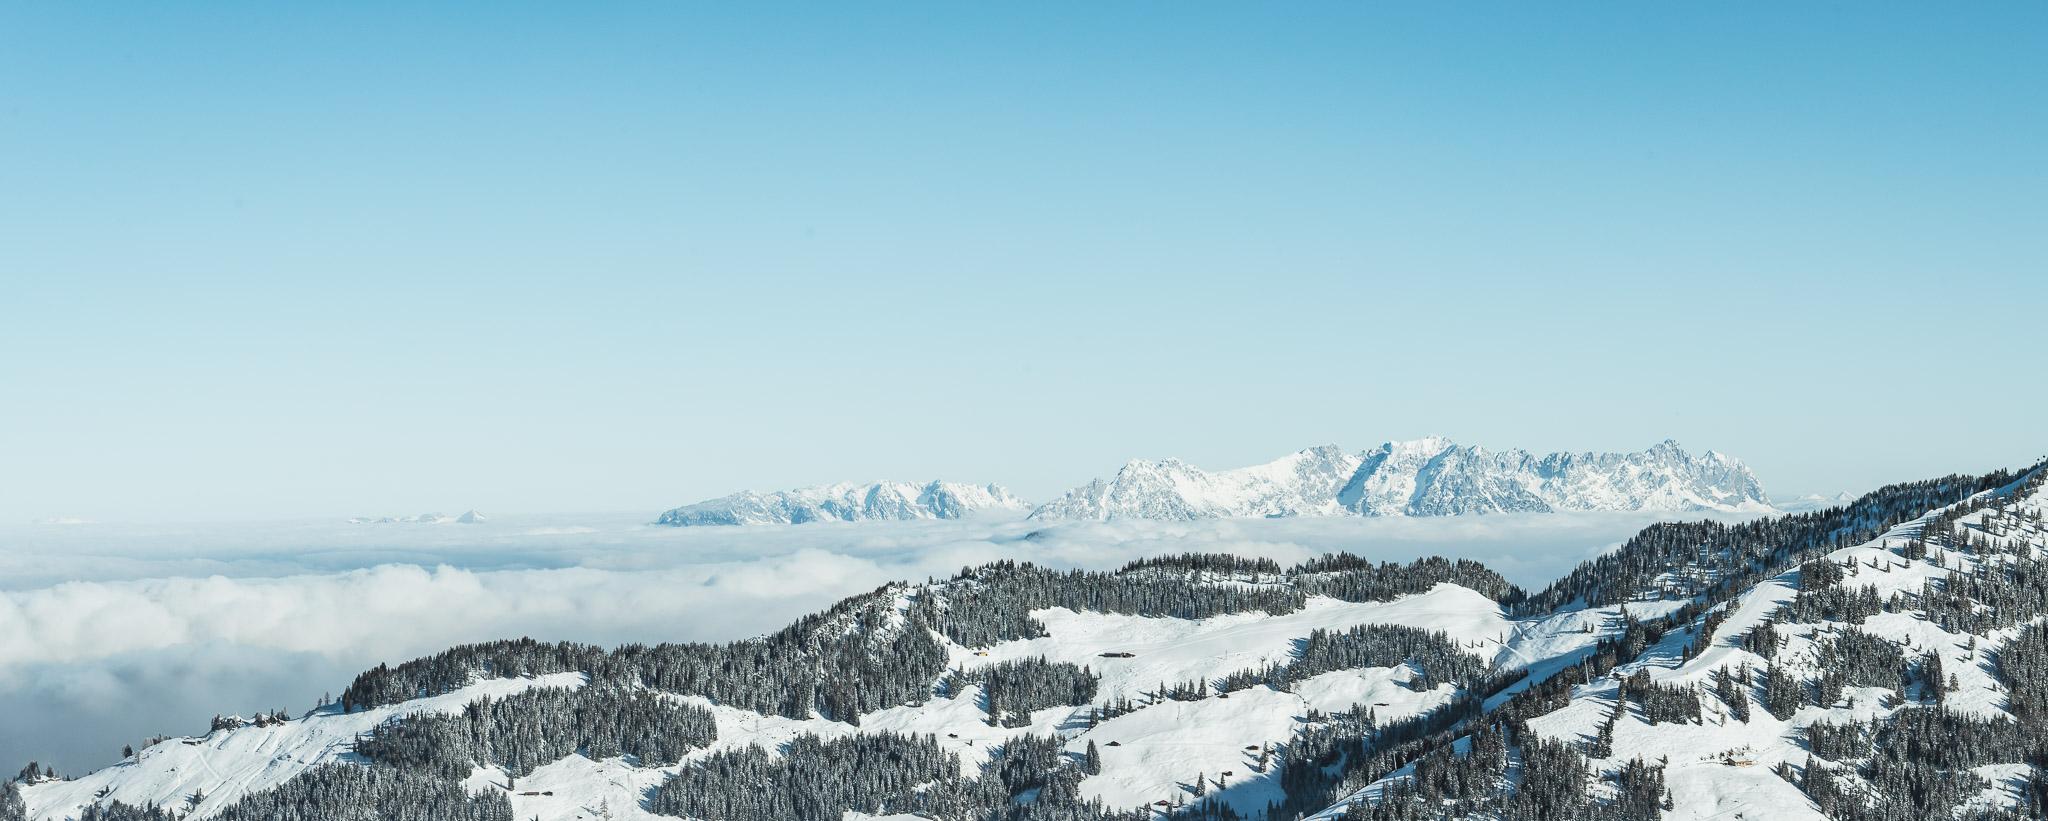 Wunderbares Wetter herrschte im Alpbachtal zum Opening Wochenende.